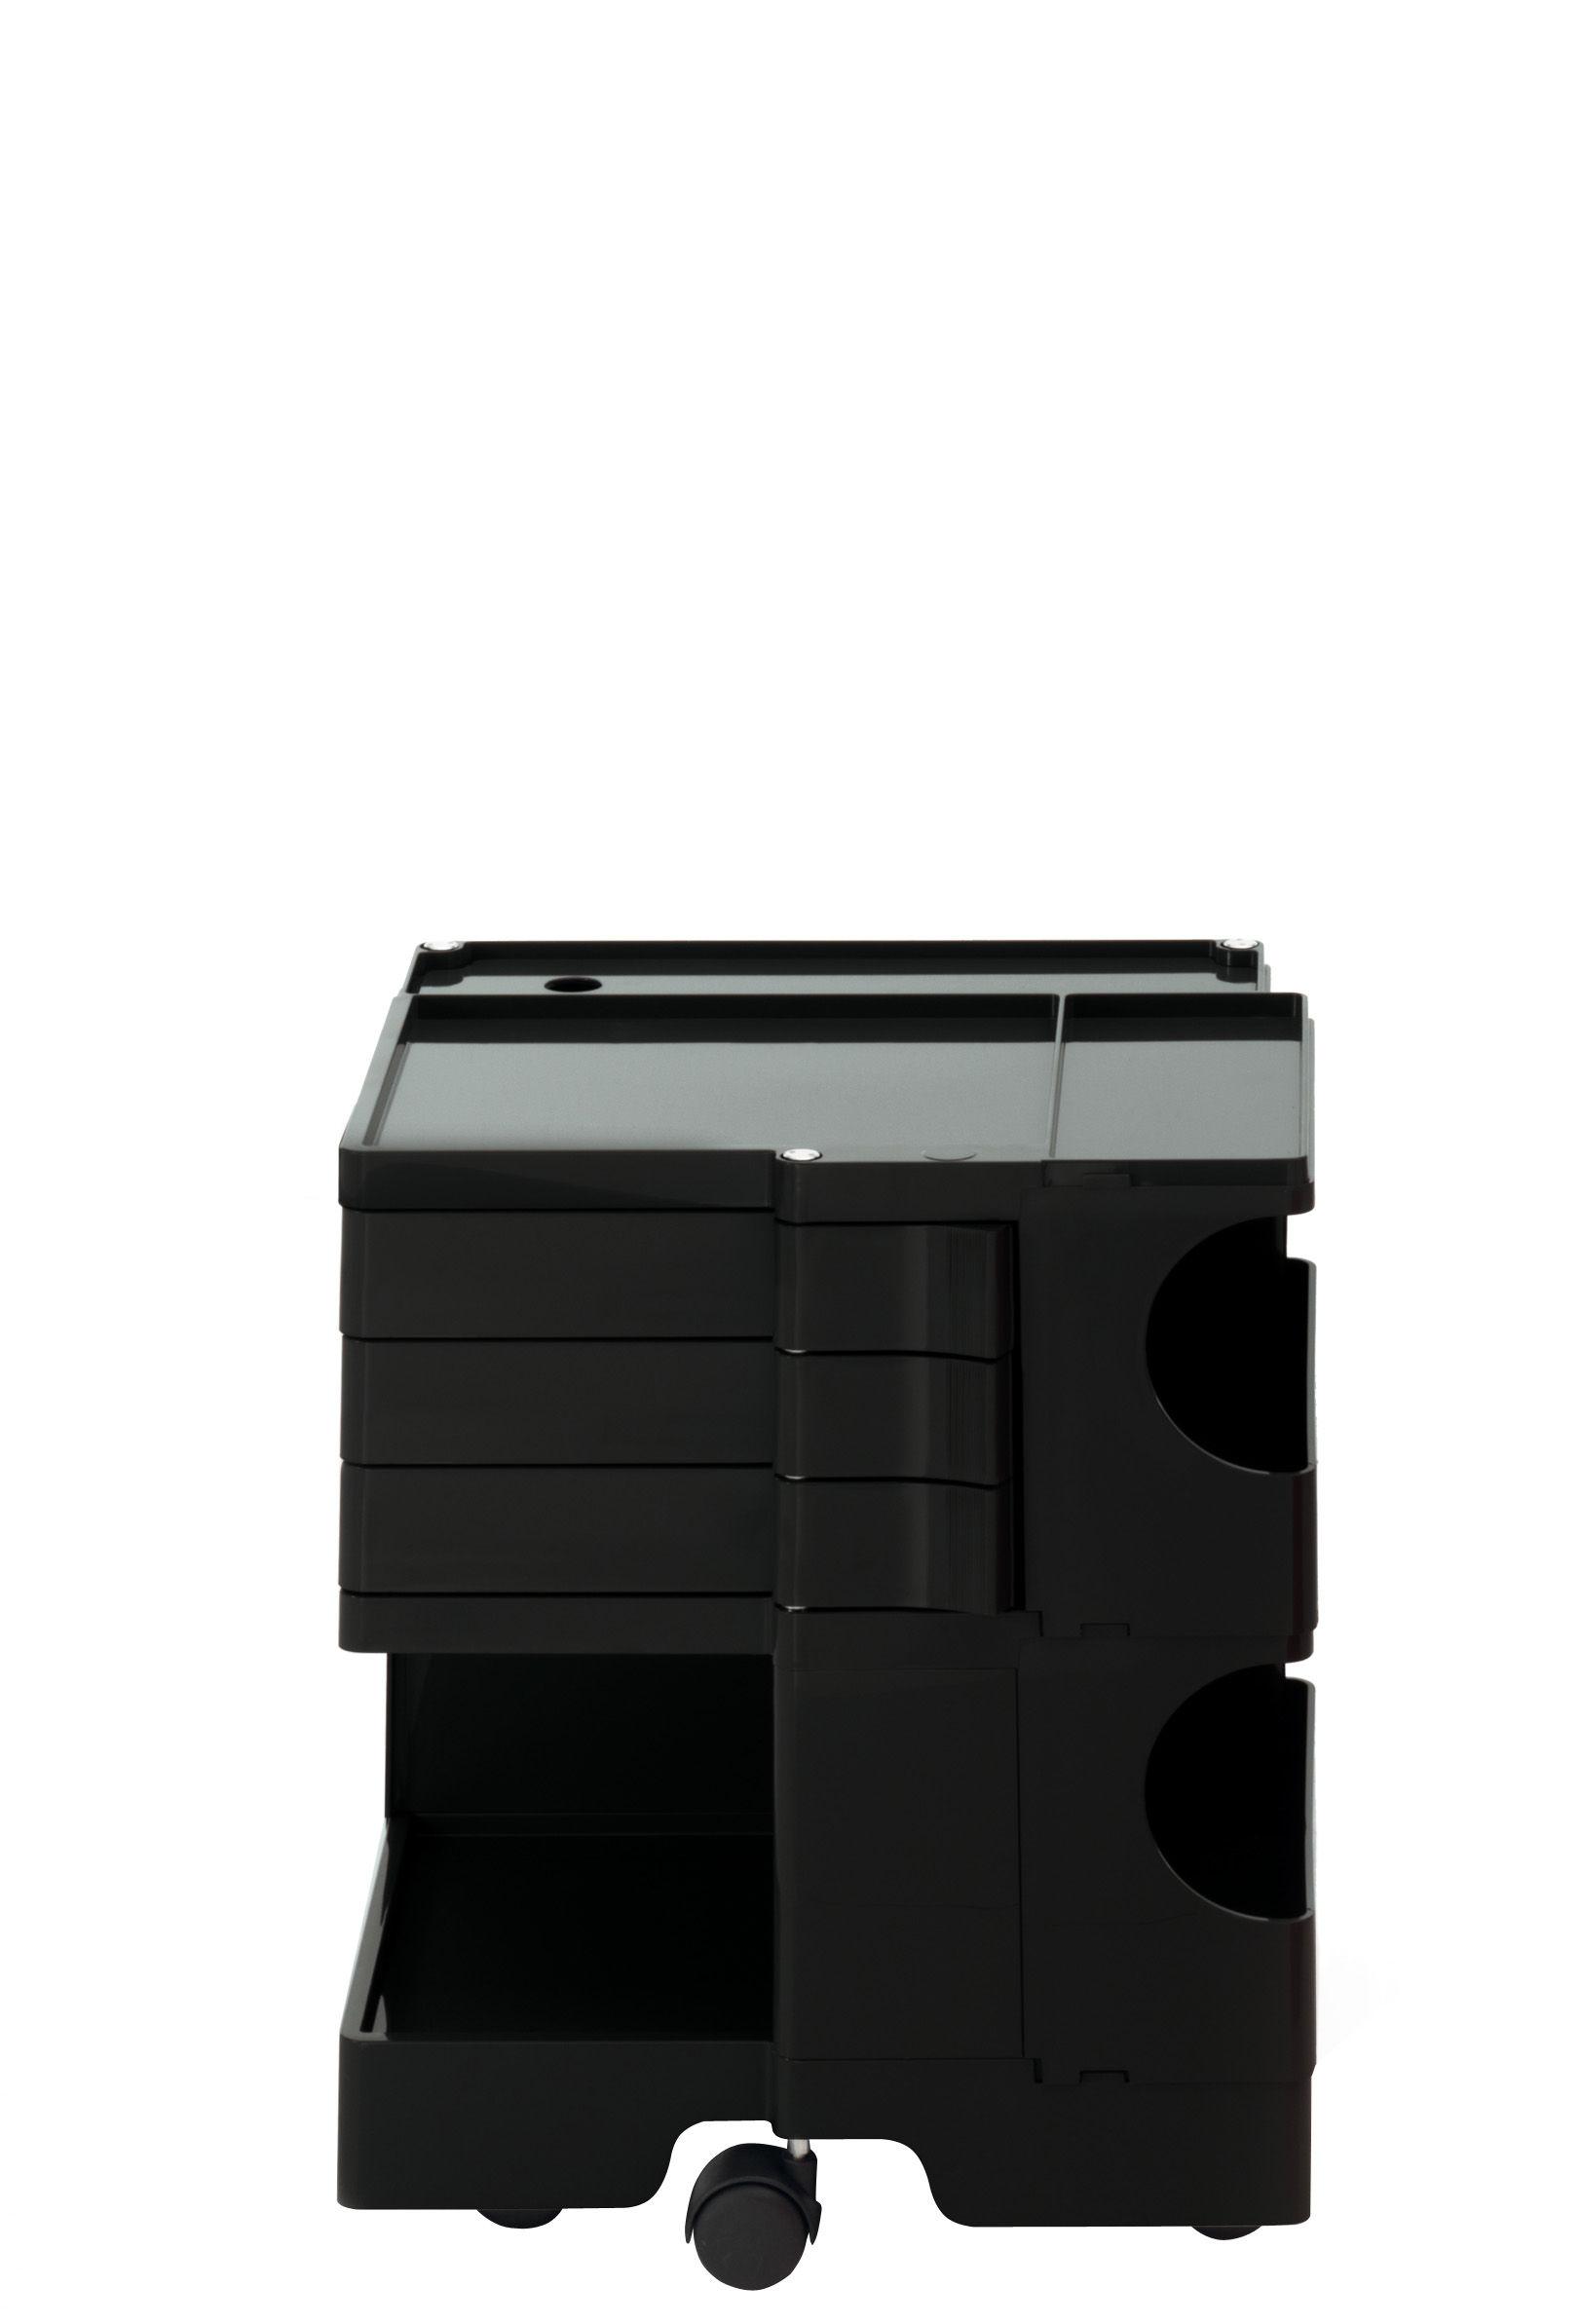 Möbel - Beistell-Möbel - Boby Ablage / H 52 cm - 3 Schubladen - B-LINE - Schwarz - ABS